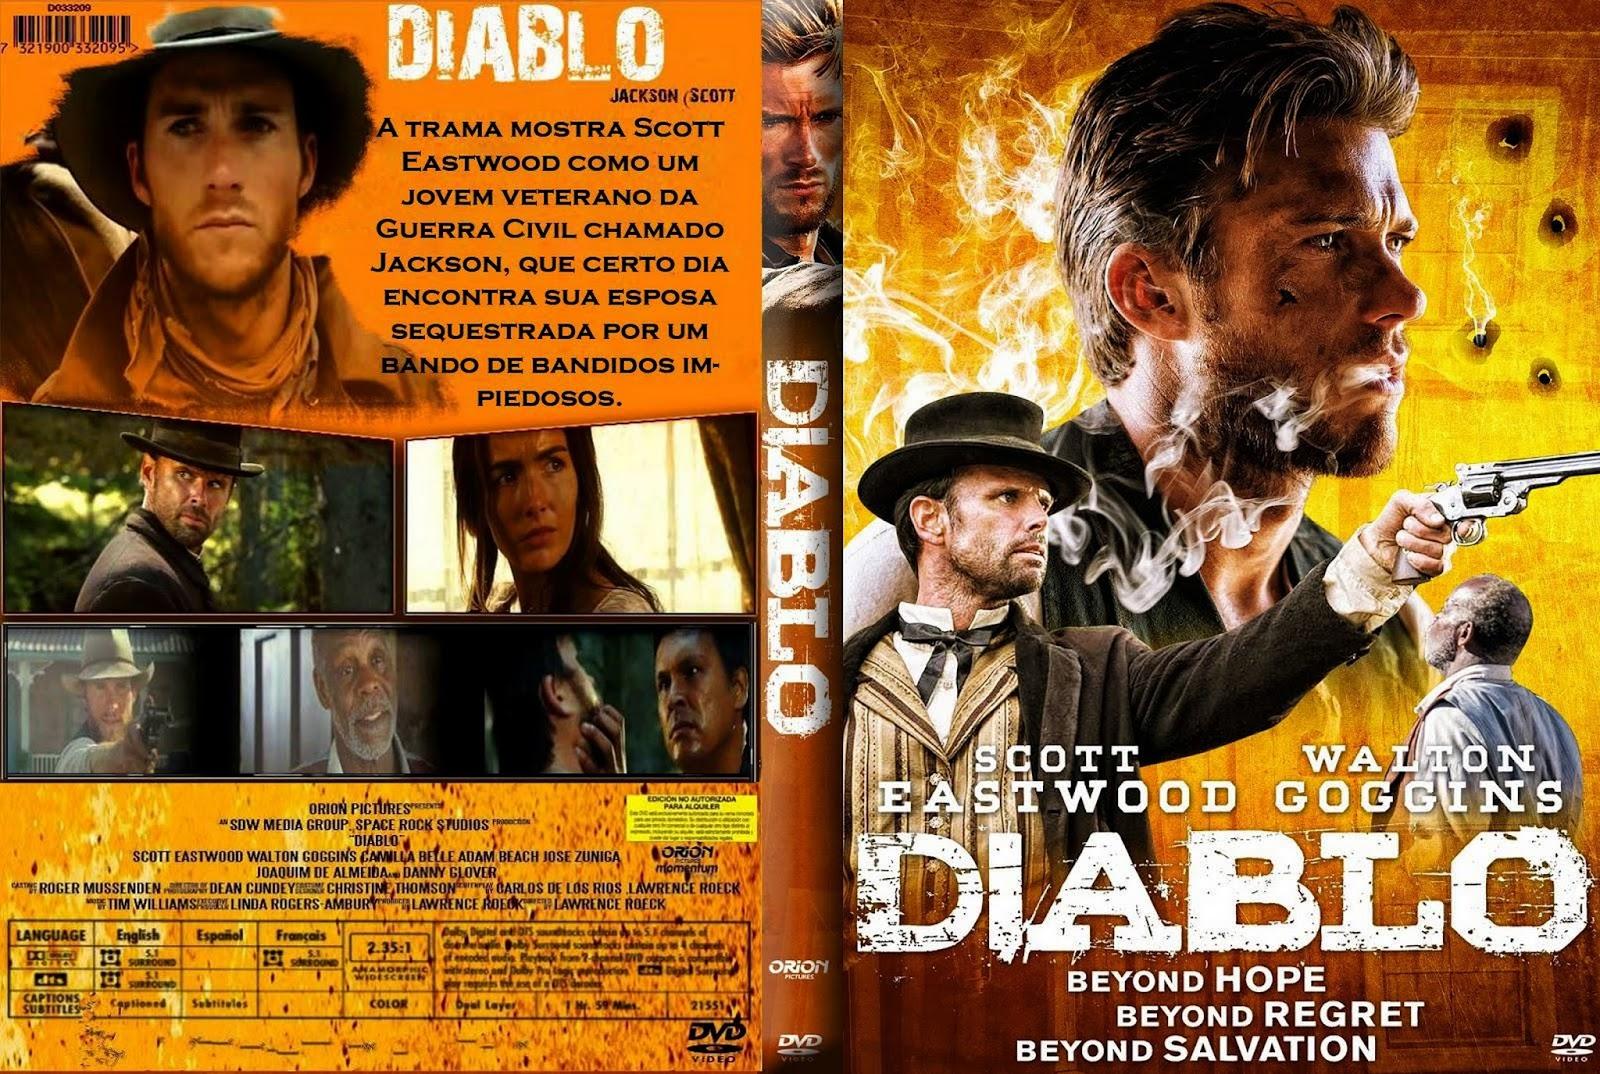 Diablo BDRip XviD Dual Áudio Diablo 2BBDBrip 2BXANDAO 2BDOWNLOAD